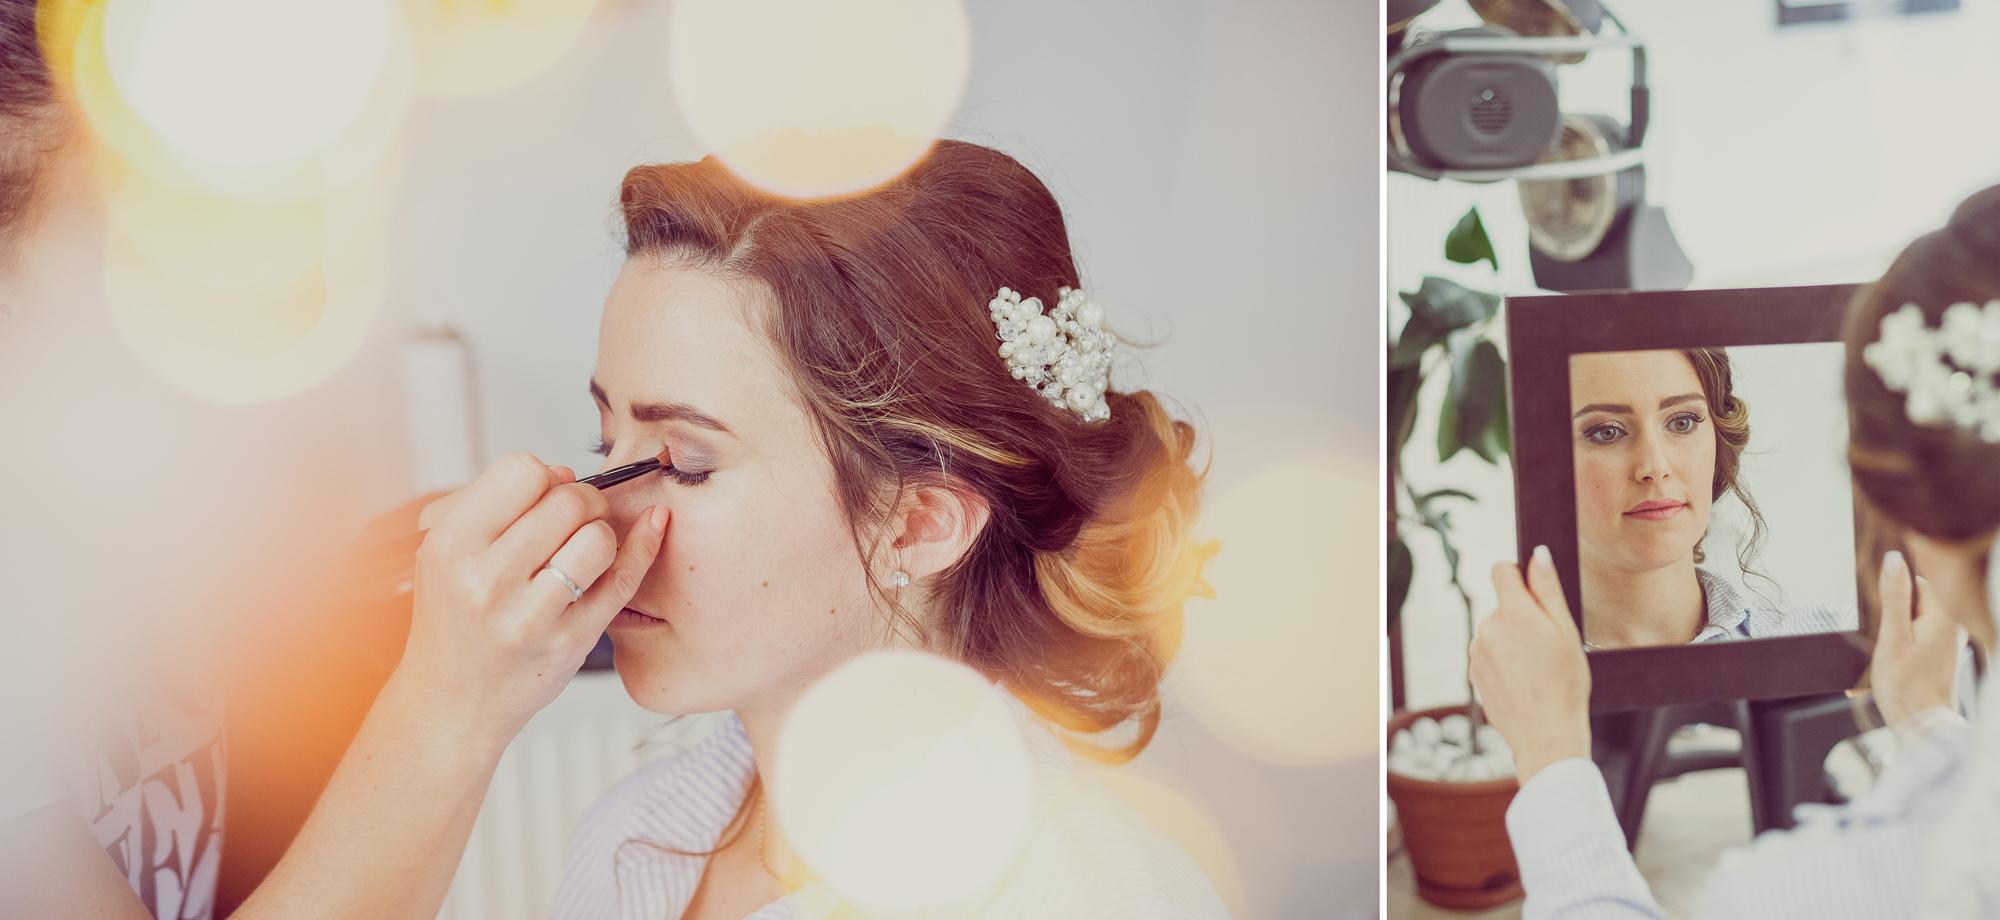 fotografie nunta, pregatirea miresei, miresa la machiaj, fotograf nunta